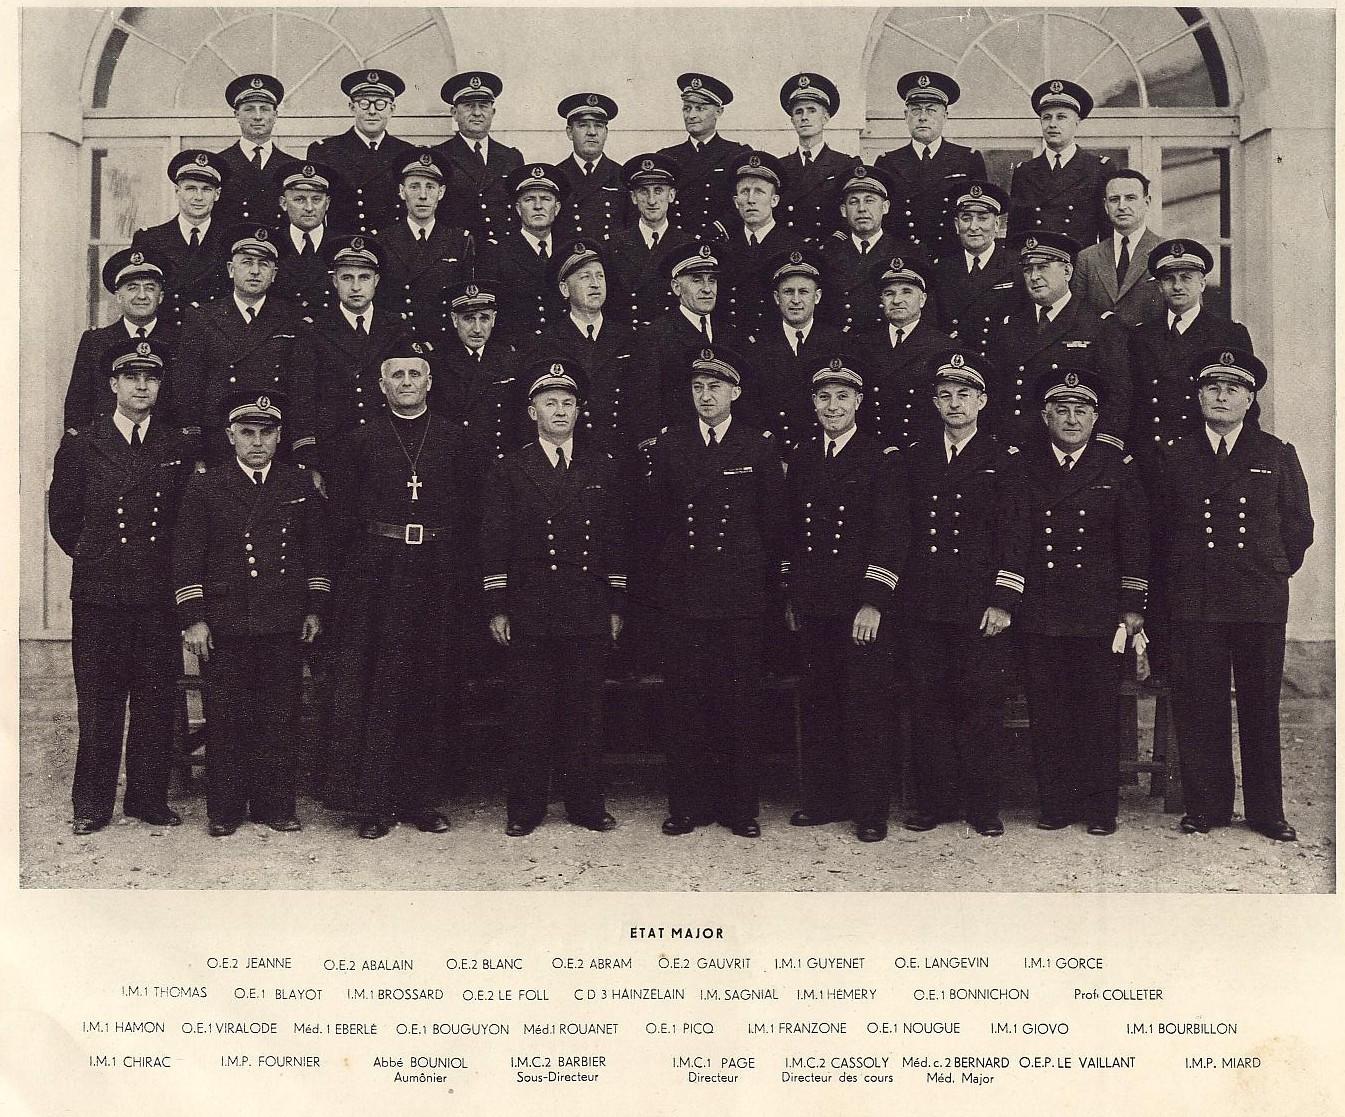 Etat Major 1950